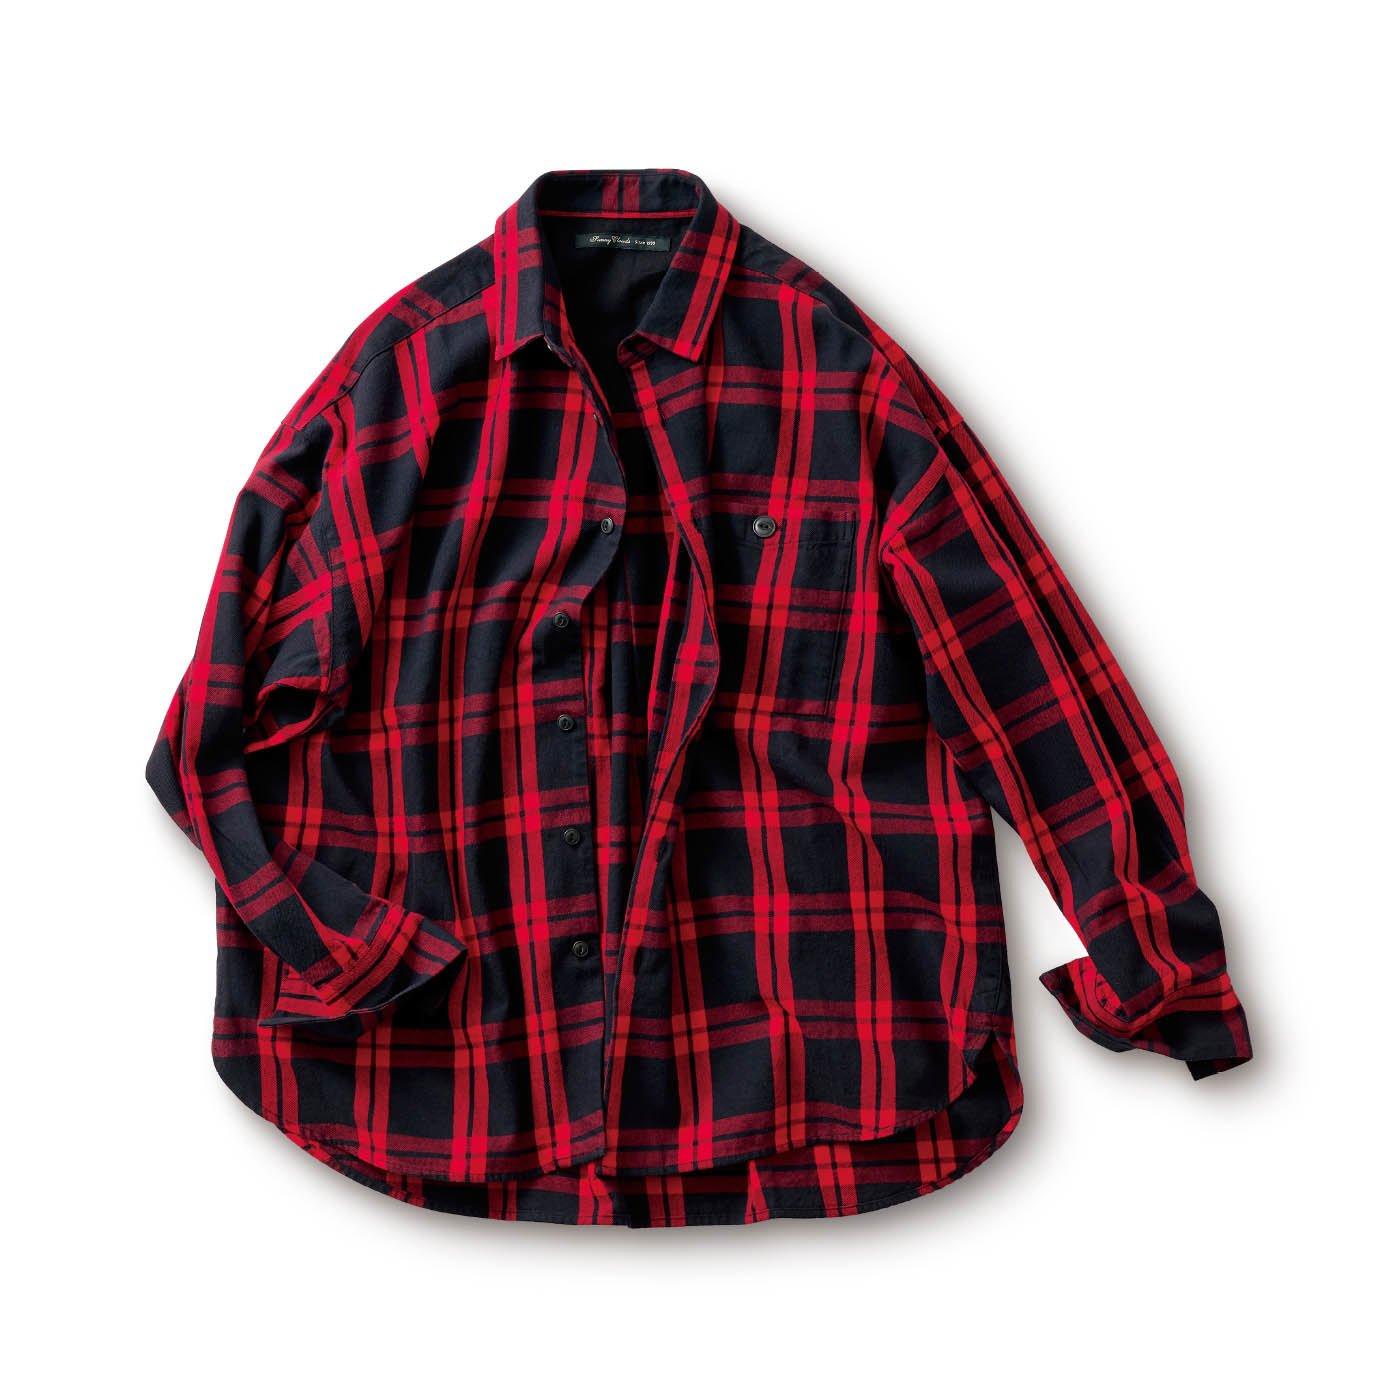 サニークラウズ タータンの気さくなチェックシャツ〈メンズ〉赤